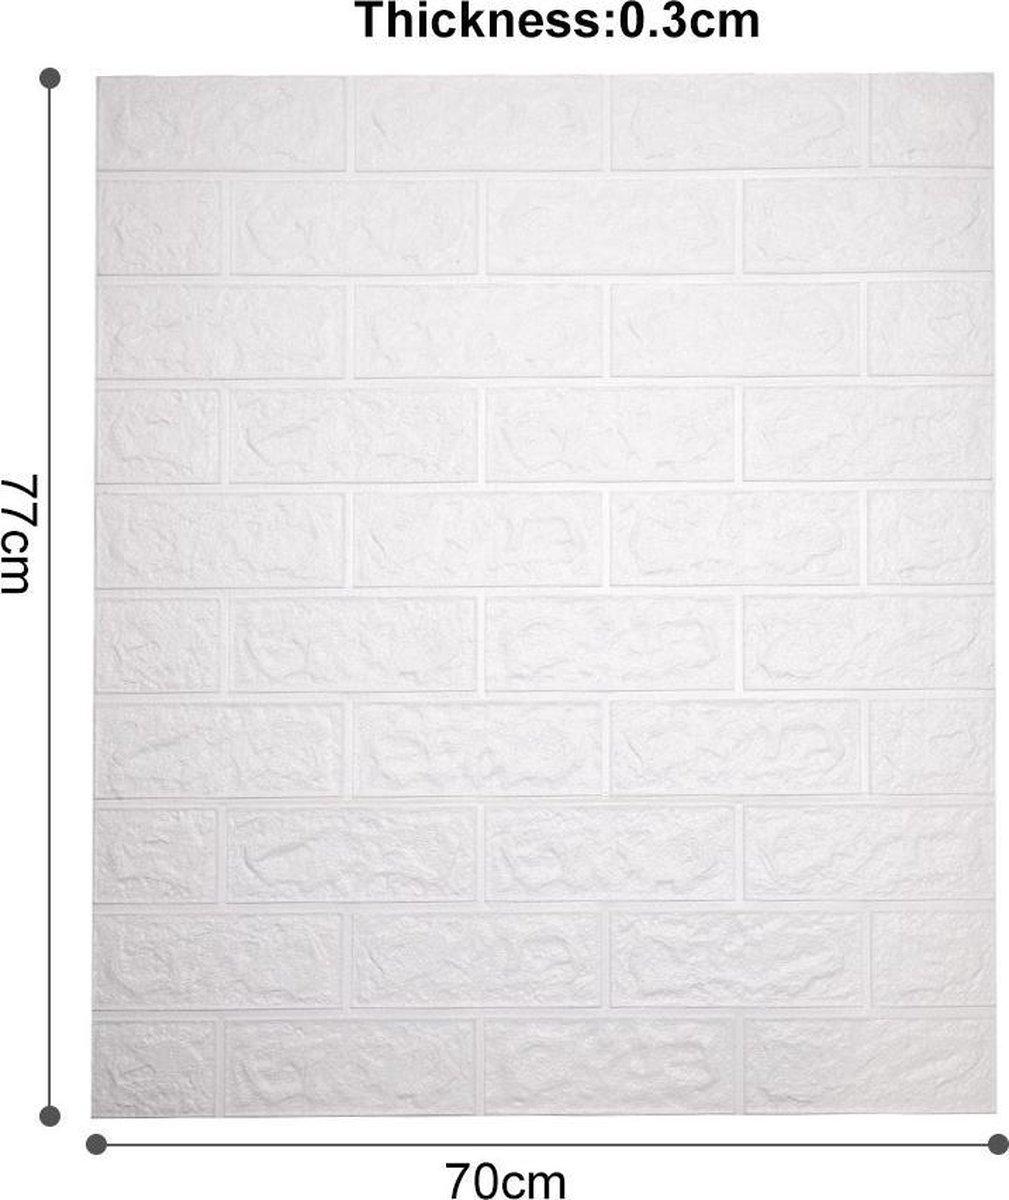 3D muurstickers - Zelfklevende stenen muur behang - decoratief muurbehang - wit stenen stickerbehang